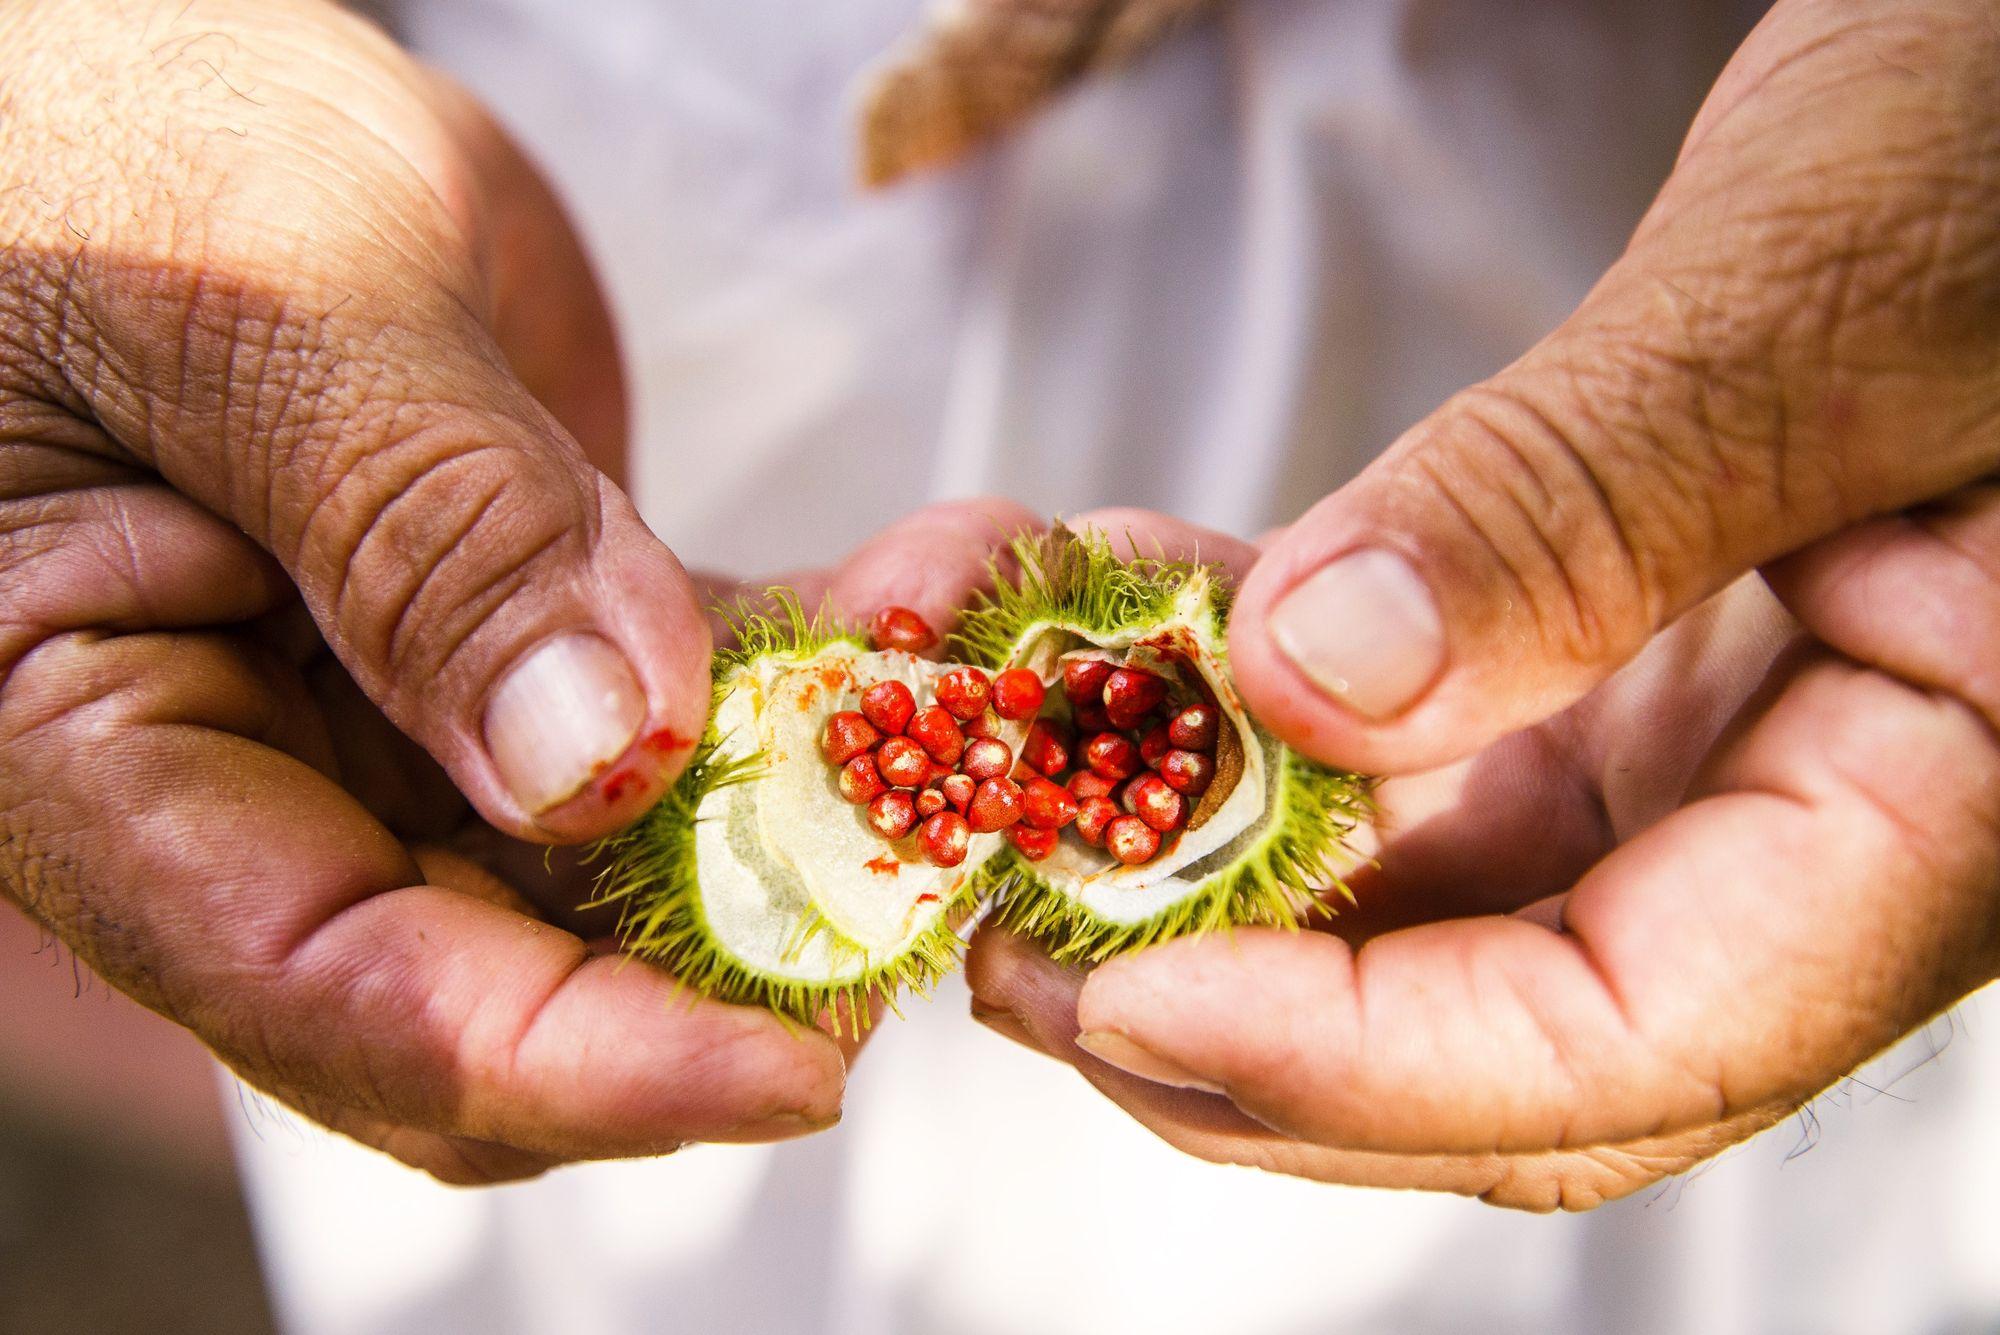 Slik ser annattofrøene ut.